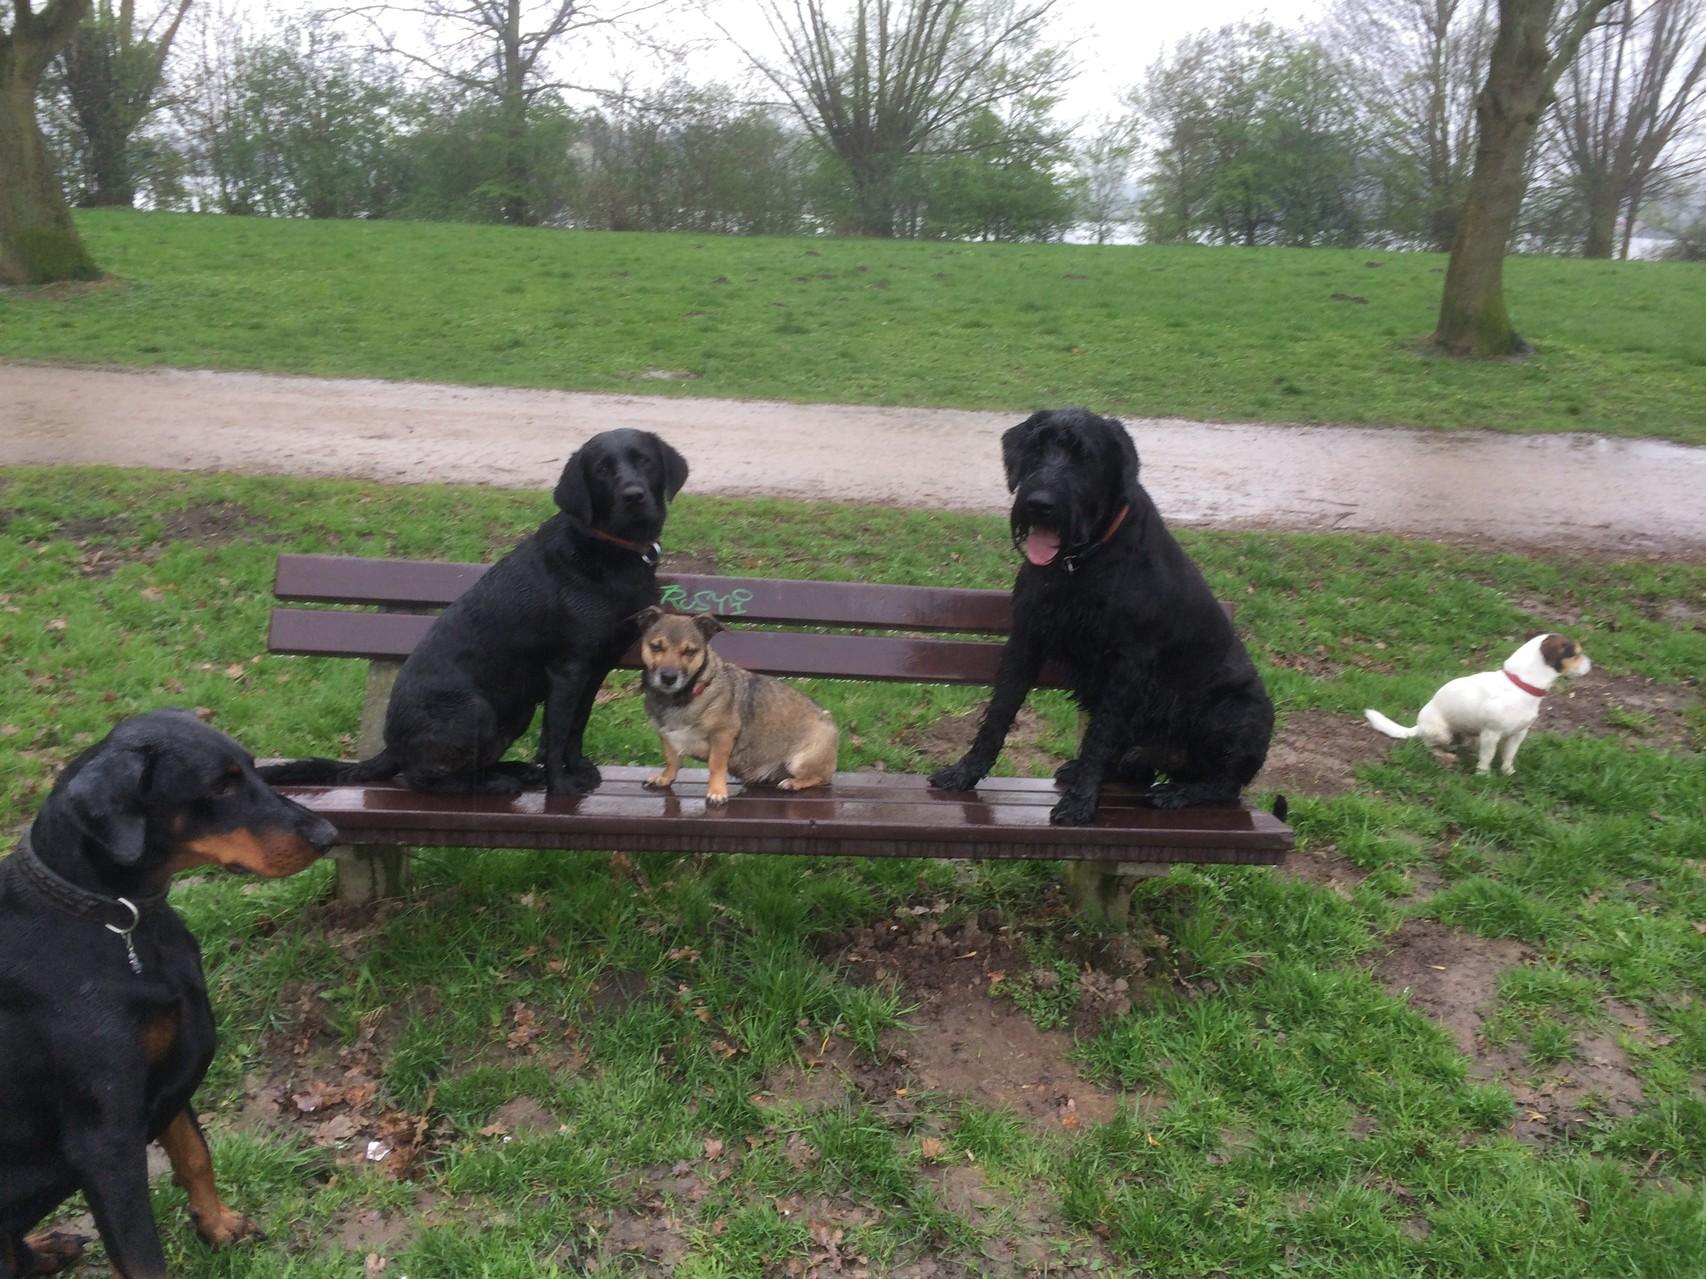 Hundeschule, Hundetraining, Gassiservice, Hundebetreuung, Hundeschule Hamburg